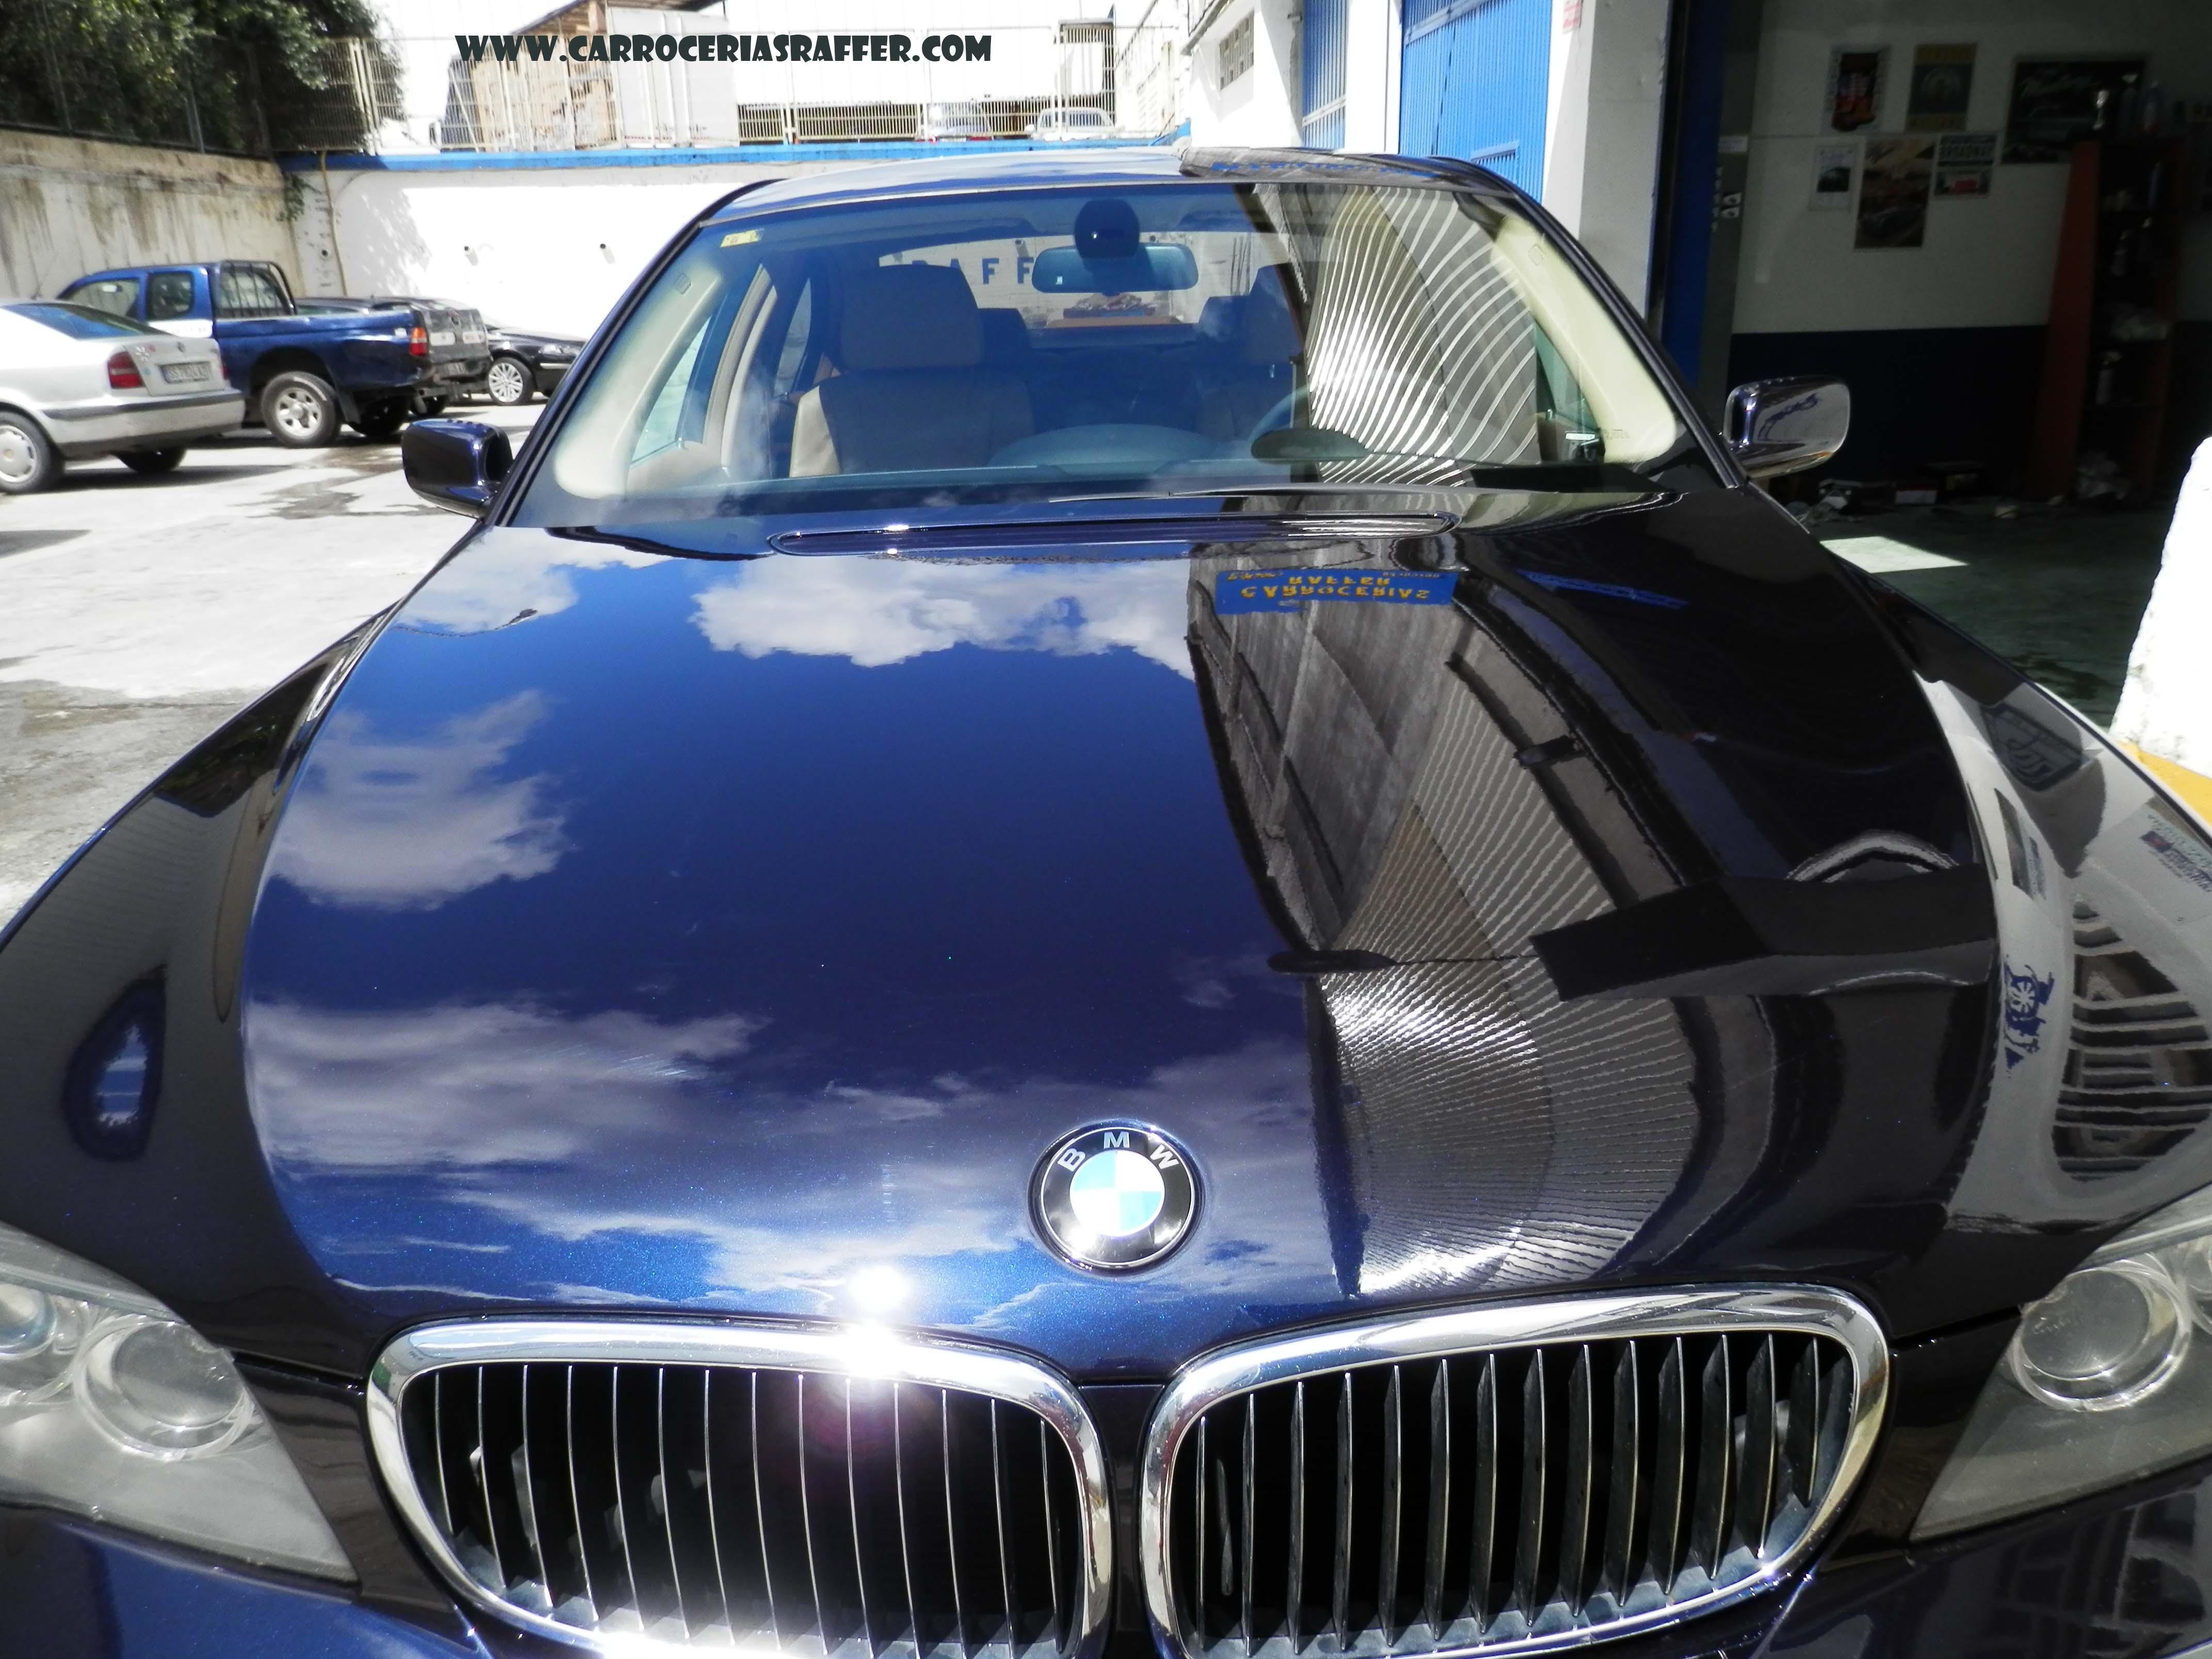 Pintamos un BMW 740i completo del año 2008.